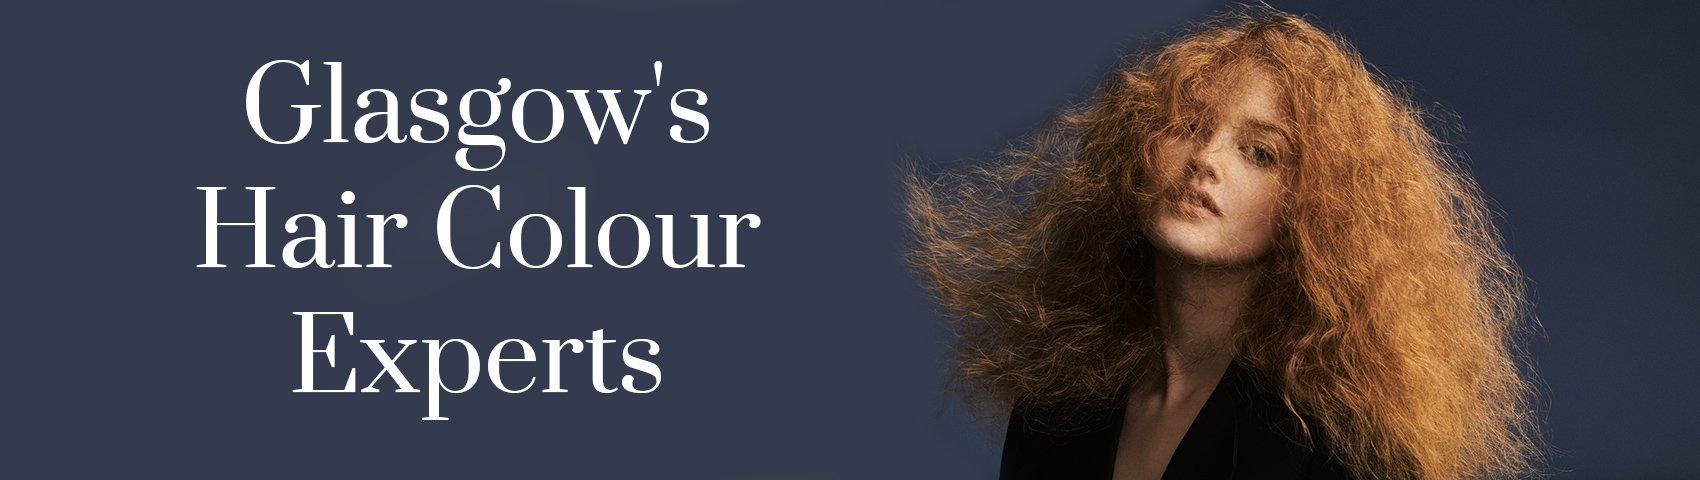 Glasgows Hair Colour Experts BANNER